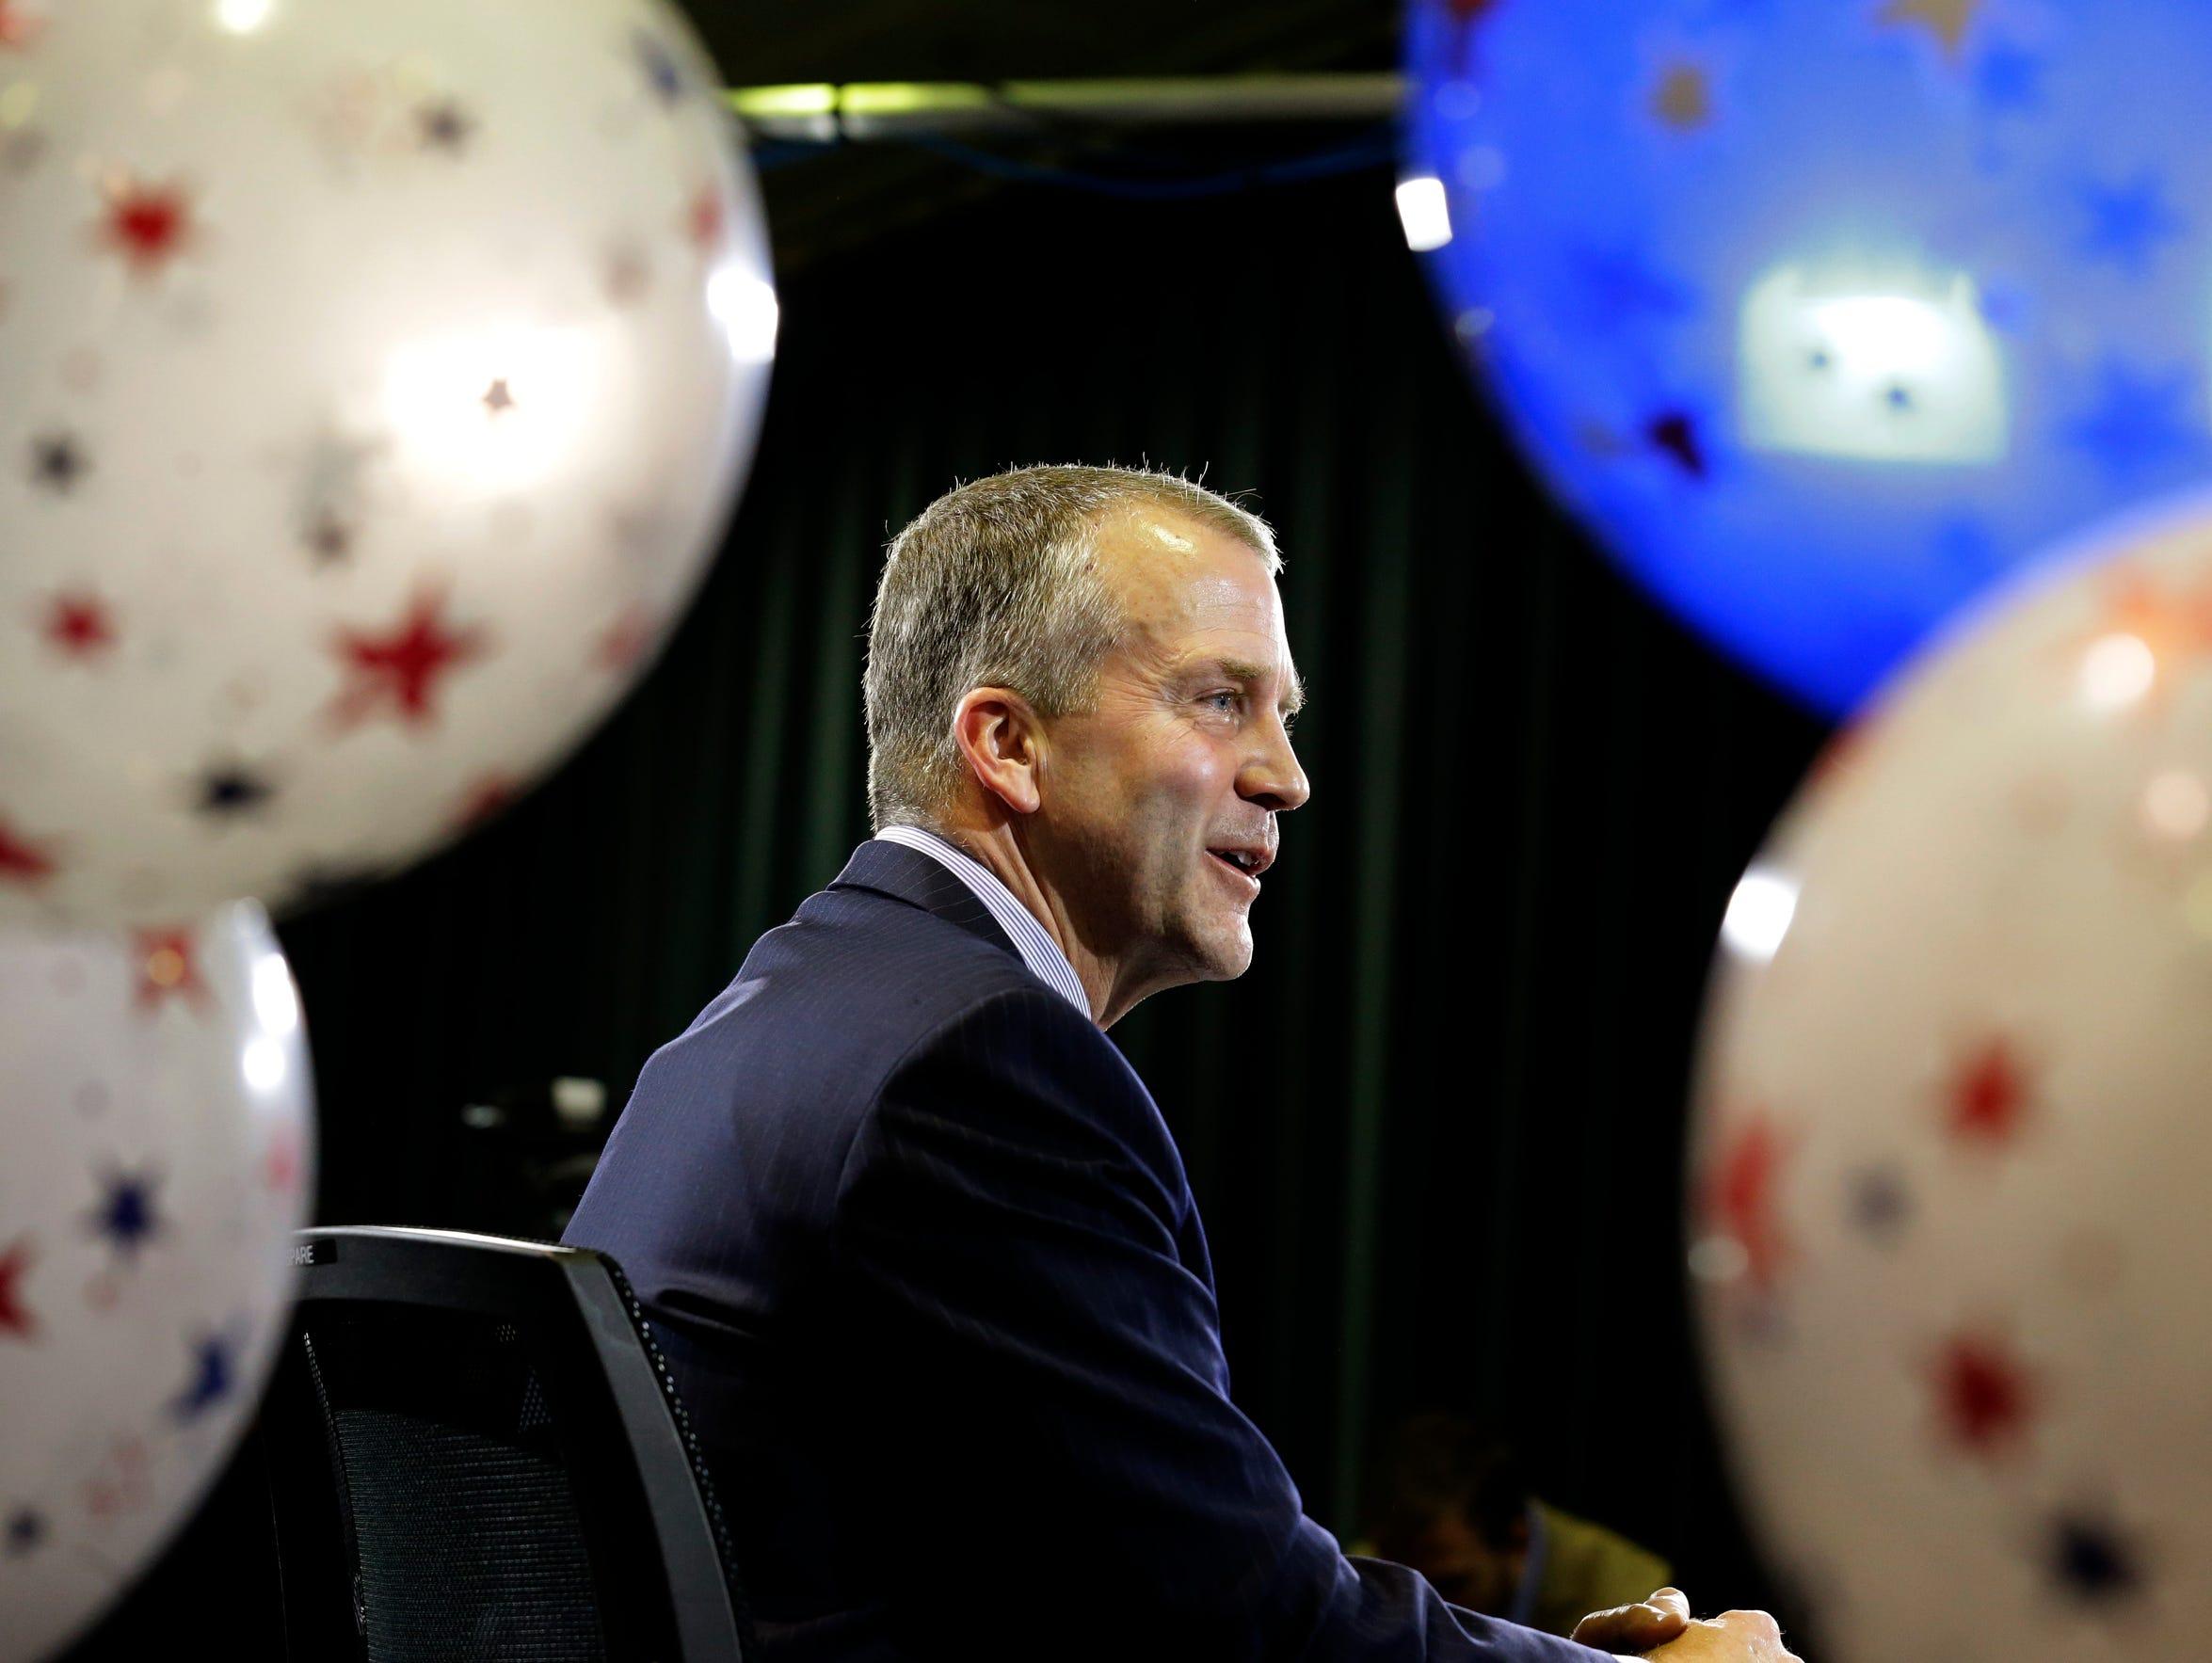 Republican U.S. Senate candidate Dan Sullivan takes